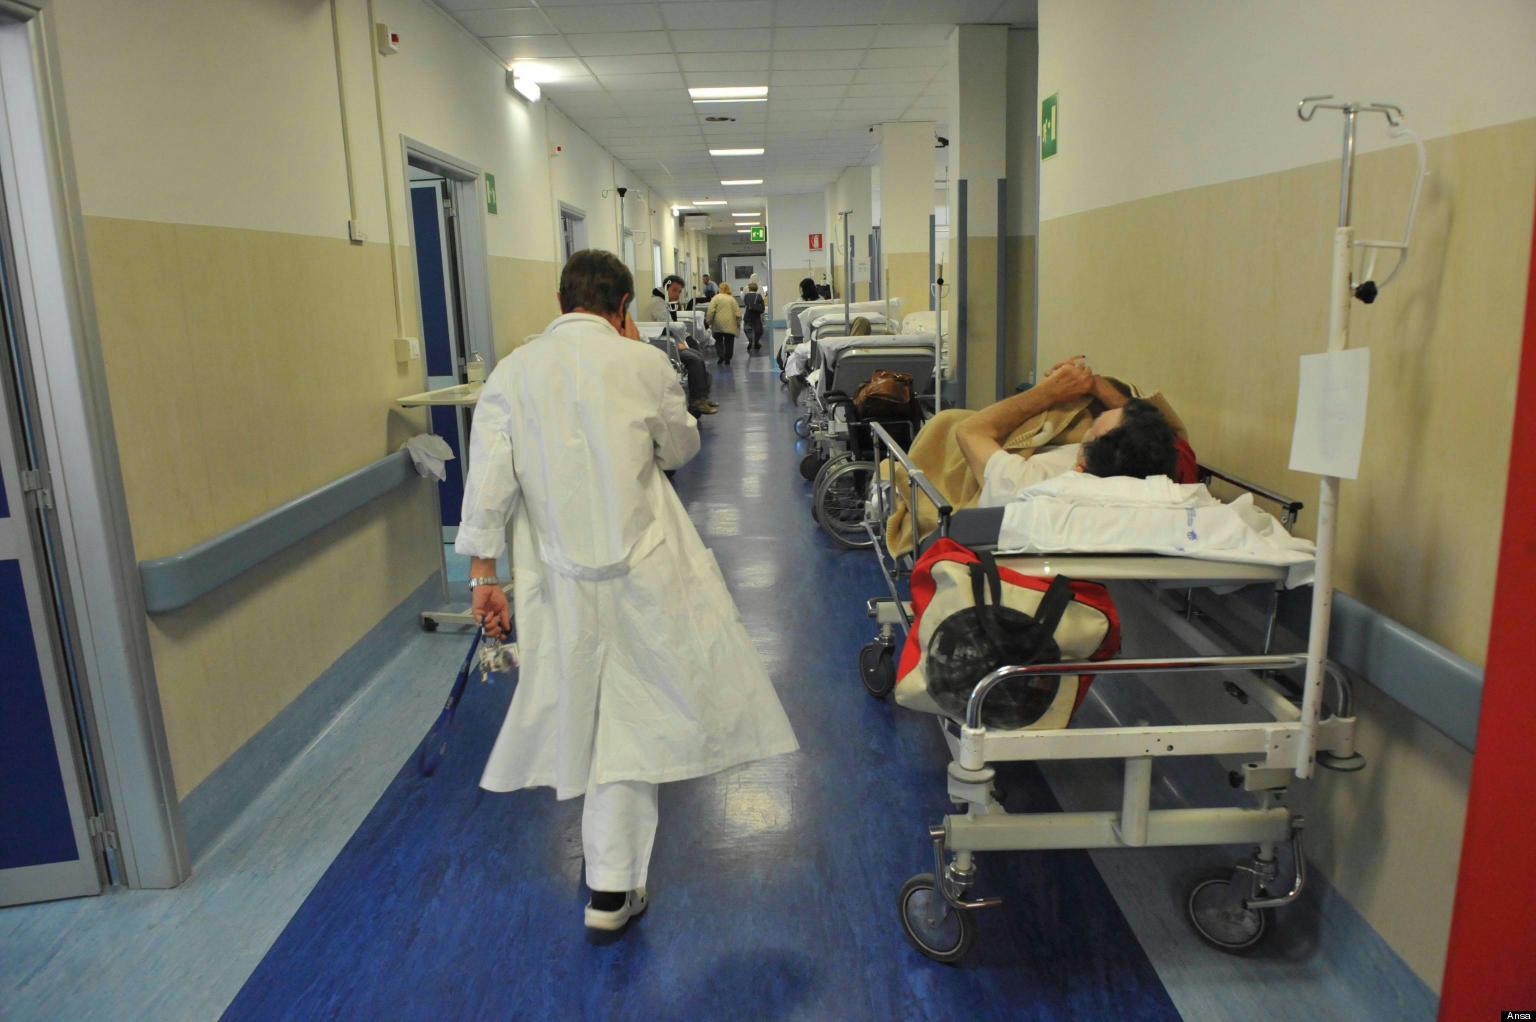 Montemiletto| Presidio sanitario locale, taglio del nastro con D'Amelio, Iannace e Alaia